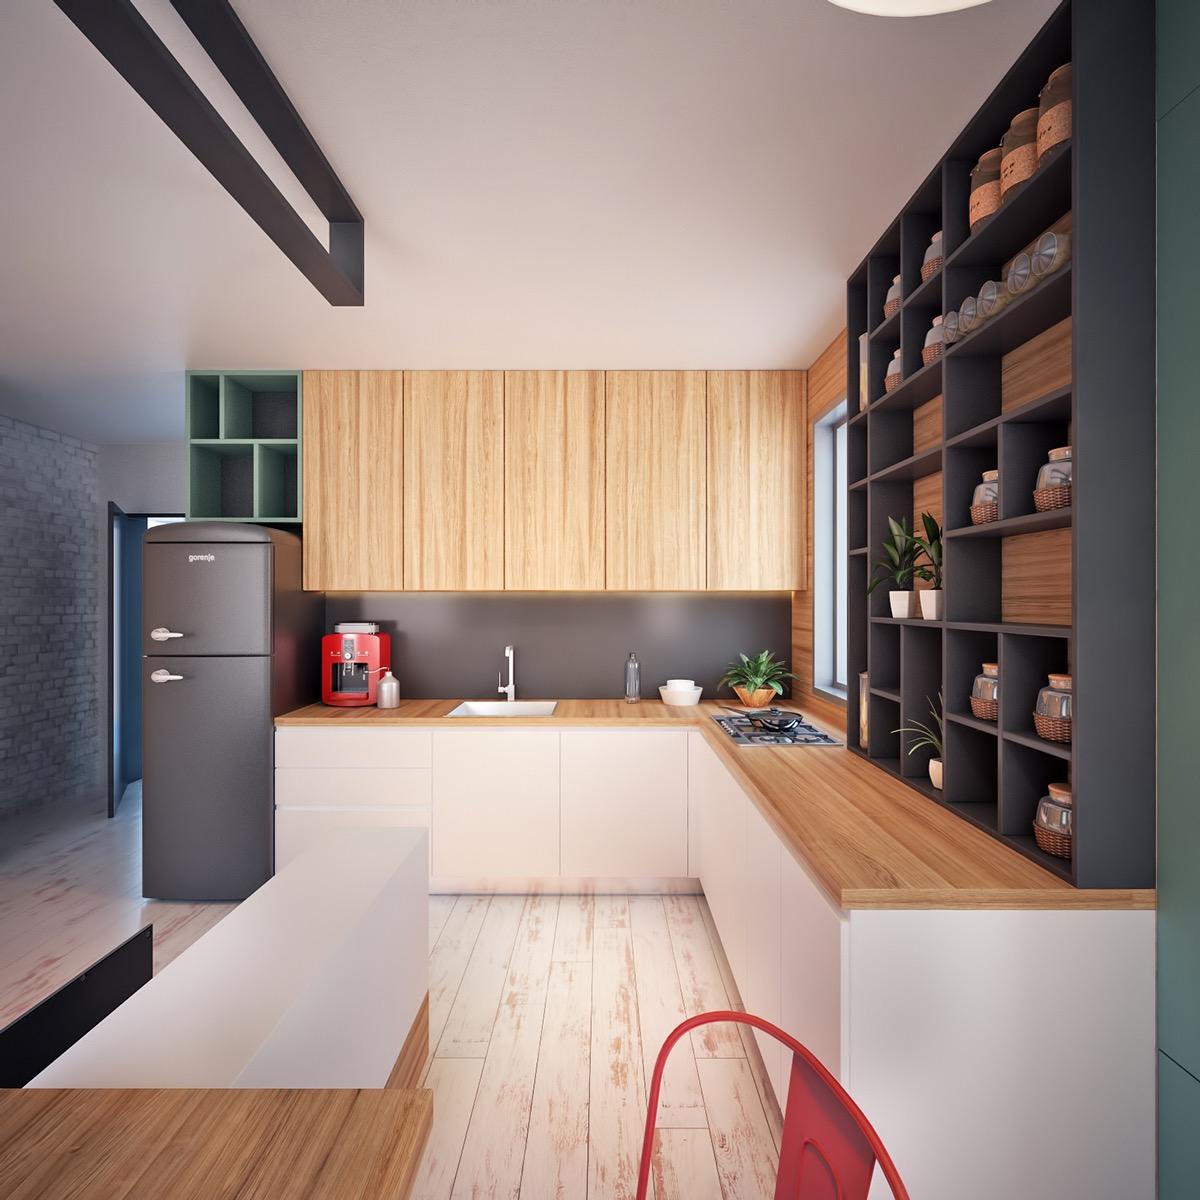 simple wooden kitchen design